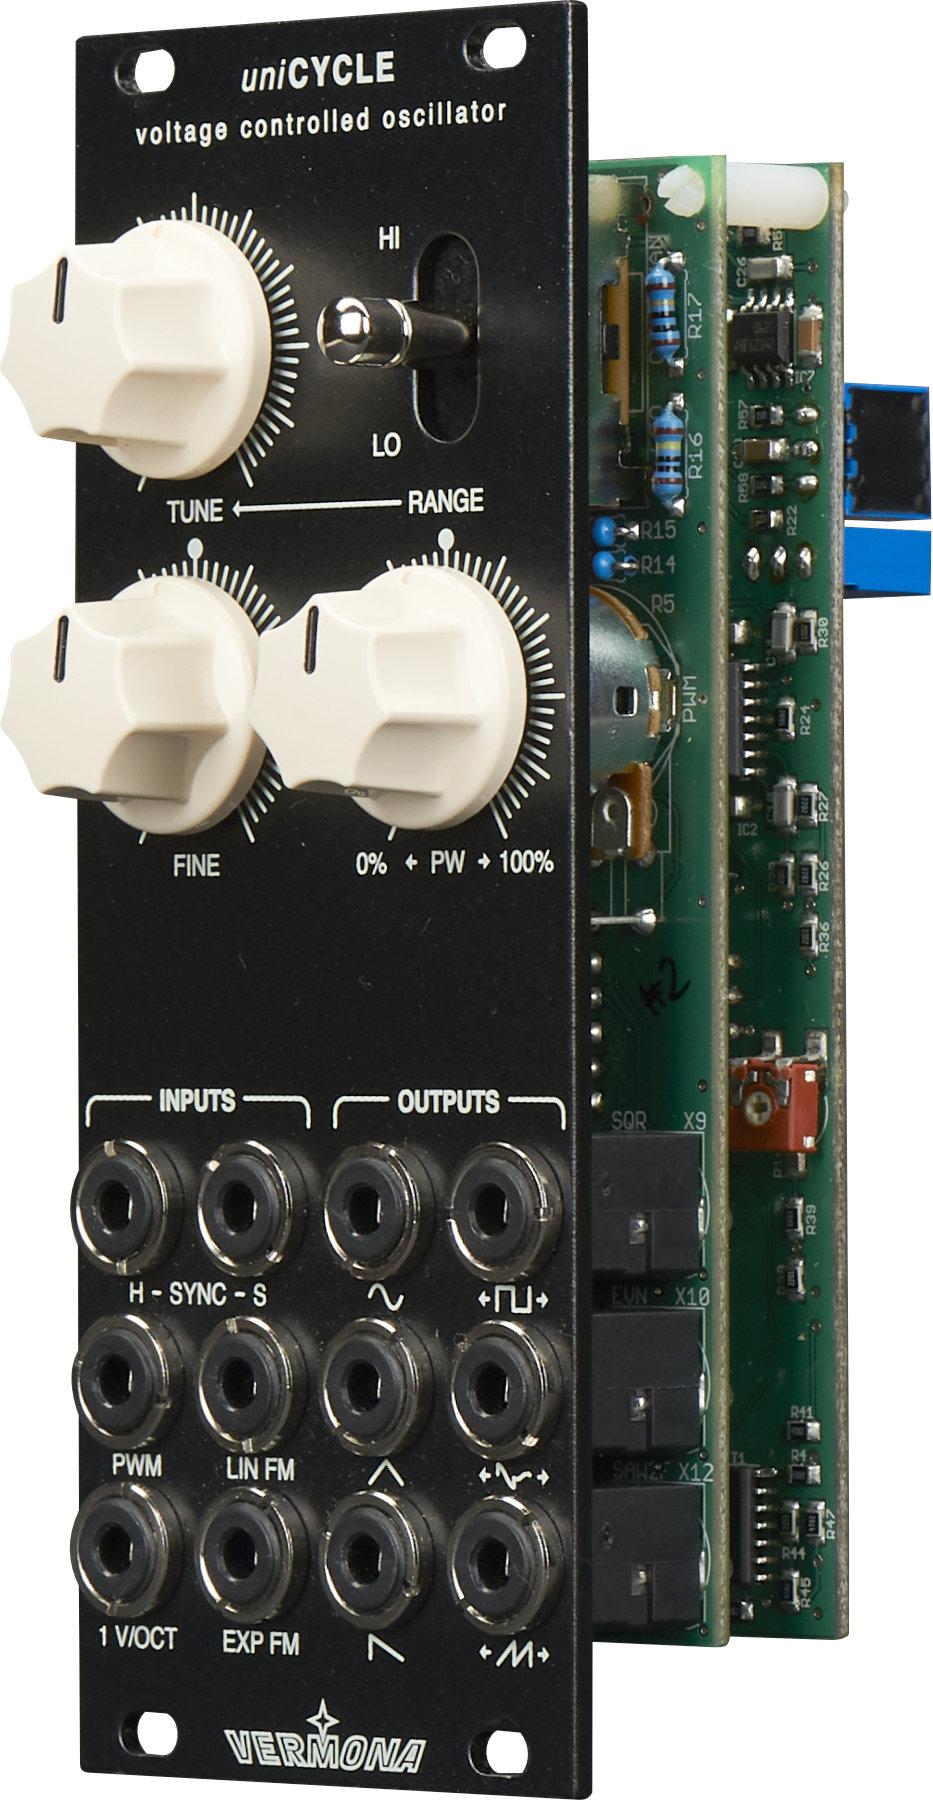 Vermona Unicycle Audio Oscillators Right View